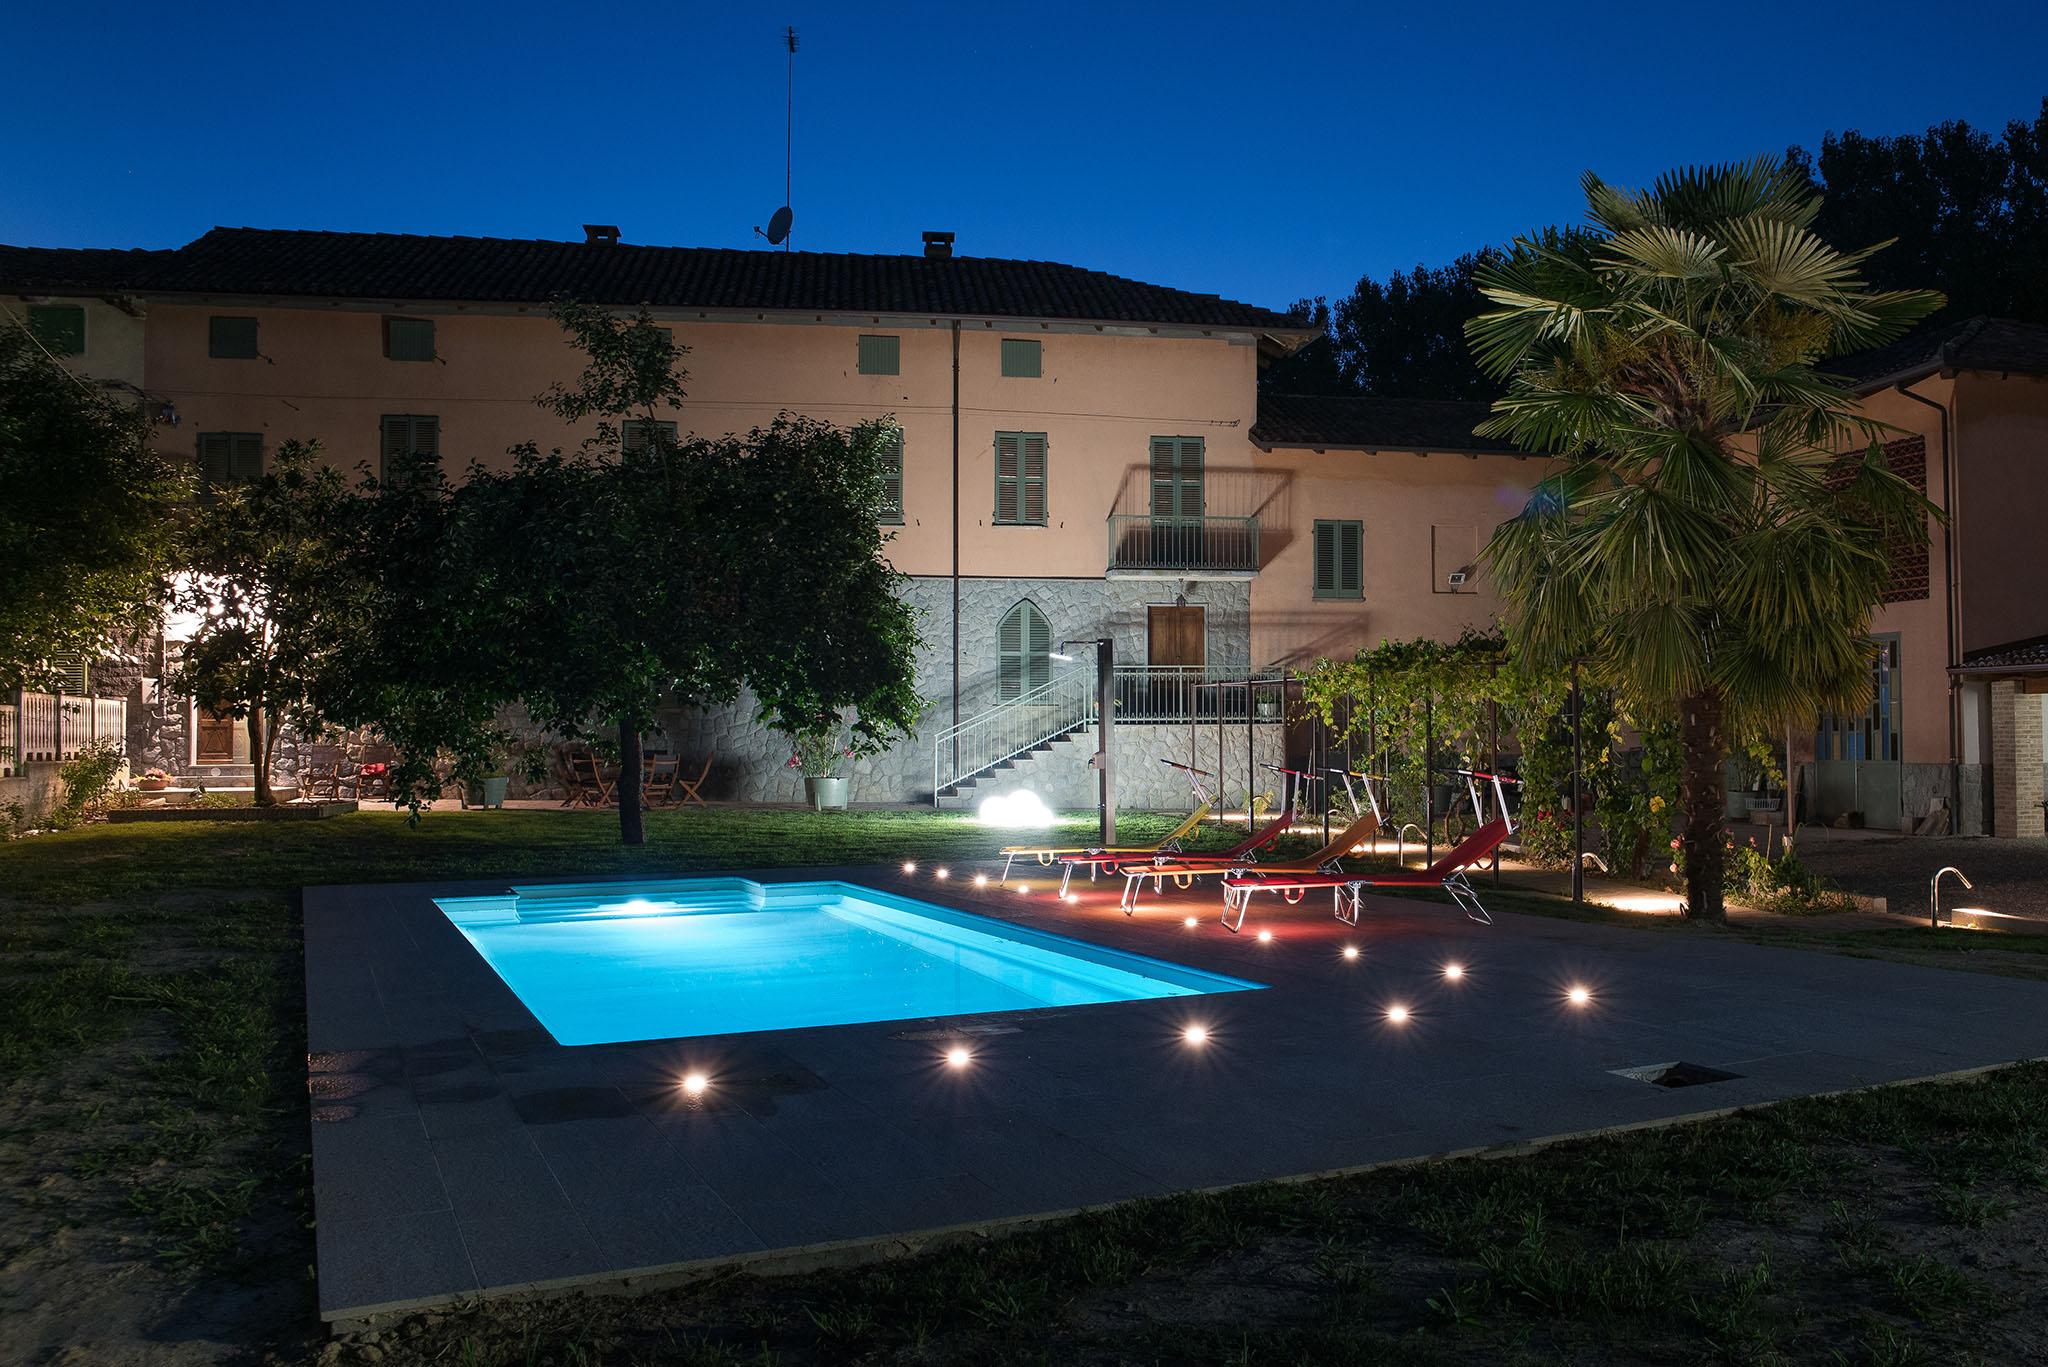 Architettura-Interni - Interior Photography Fotografo di interni Emanuele Tibaldi 1 1 - Fotografo-per-Ville-Hotel-Agriturismo - Fotografo-per-Ville-Hotel-Agriturismo